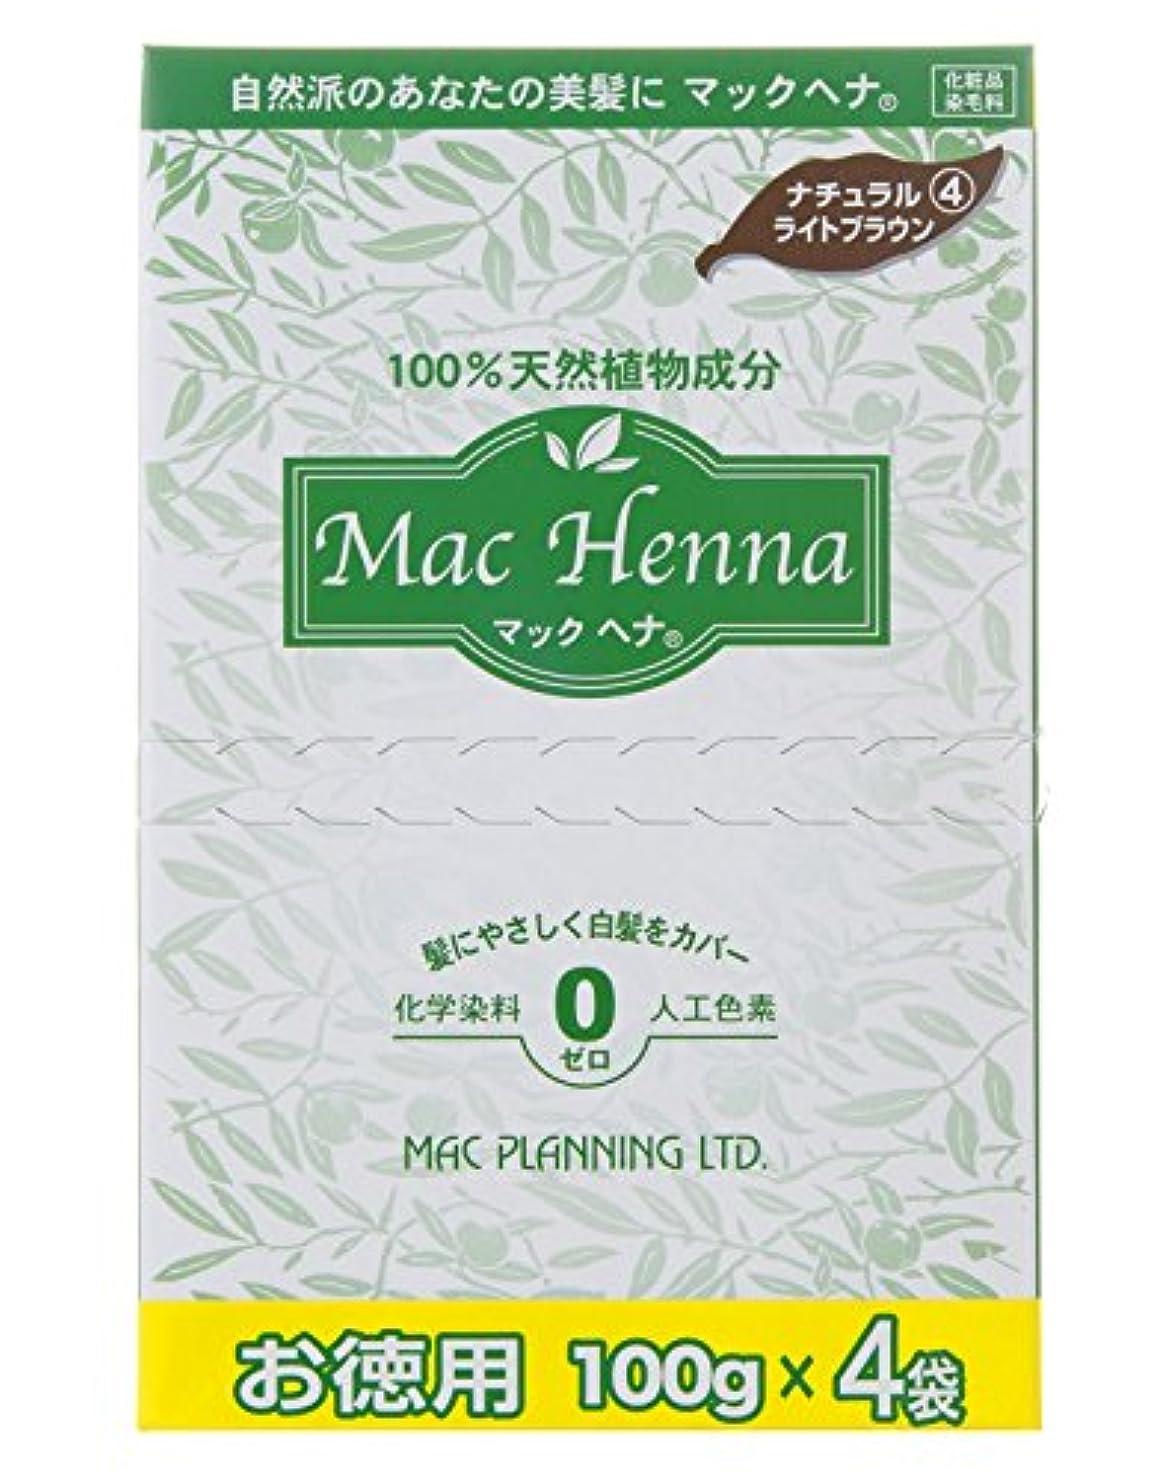 レオナルドダ機会更新マックヘナ お徳用 ナチュラルライトブラウン400g ヘナ白髪用カラー